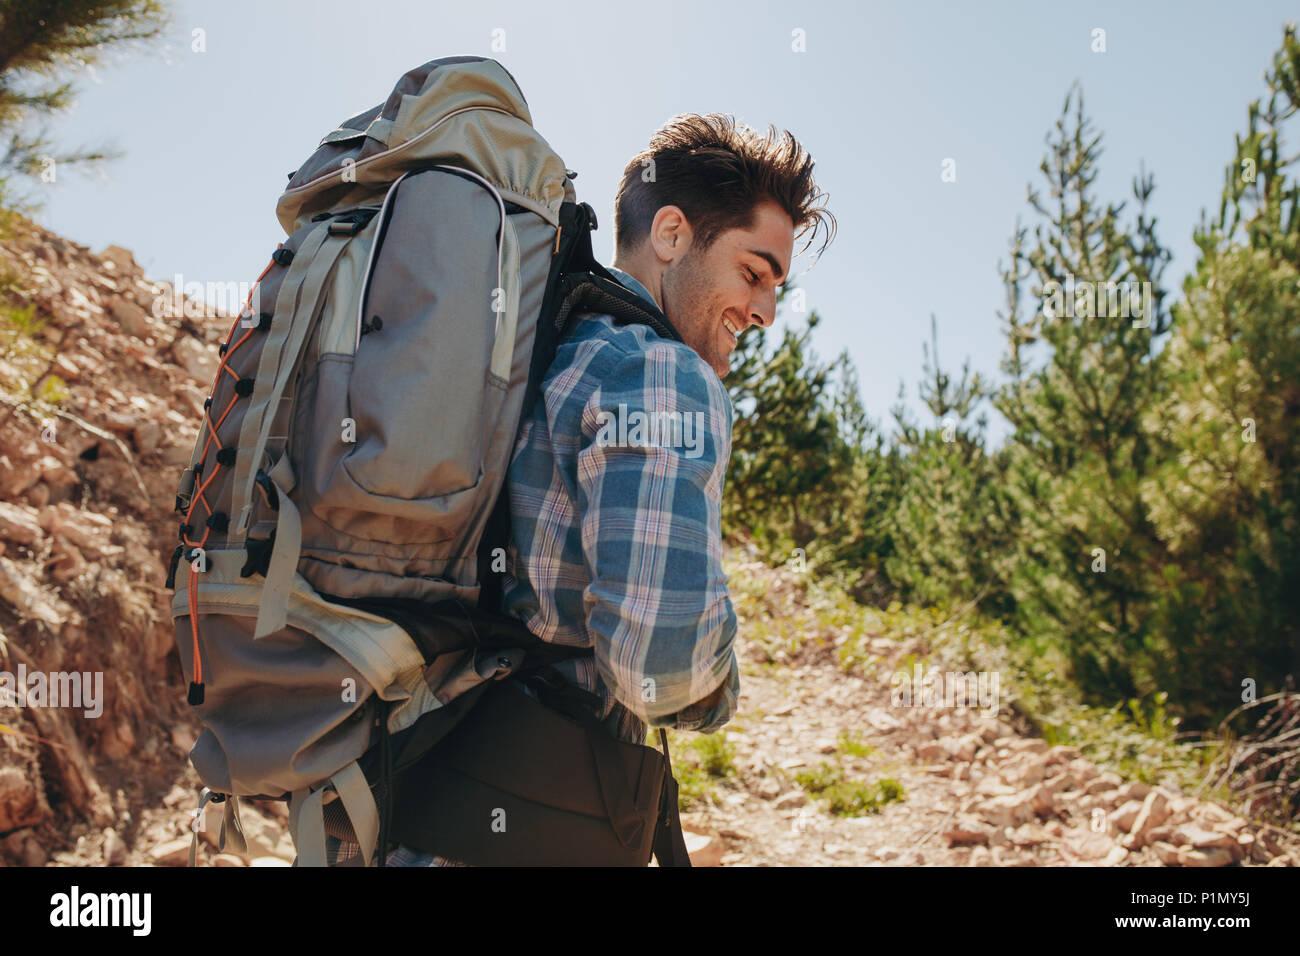 Vista trasera de filmación sonriente joven con mochila de senderismo en las montañas. Macho de Cáucaso senderista trekking en montaña. Imagen De Stock